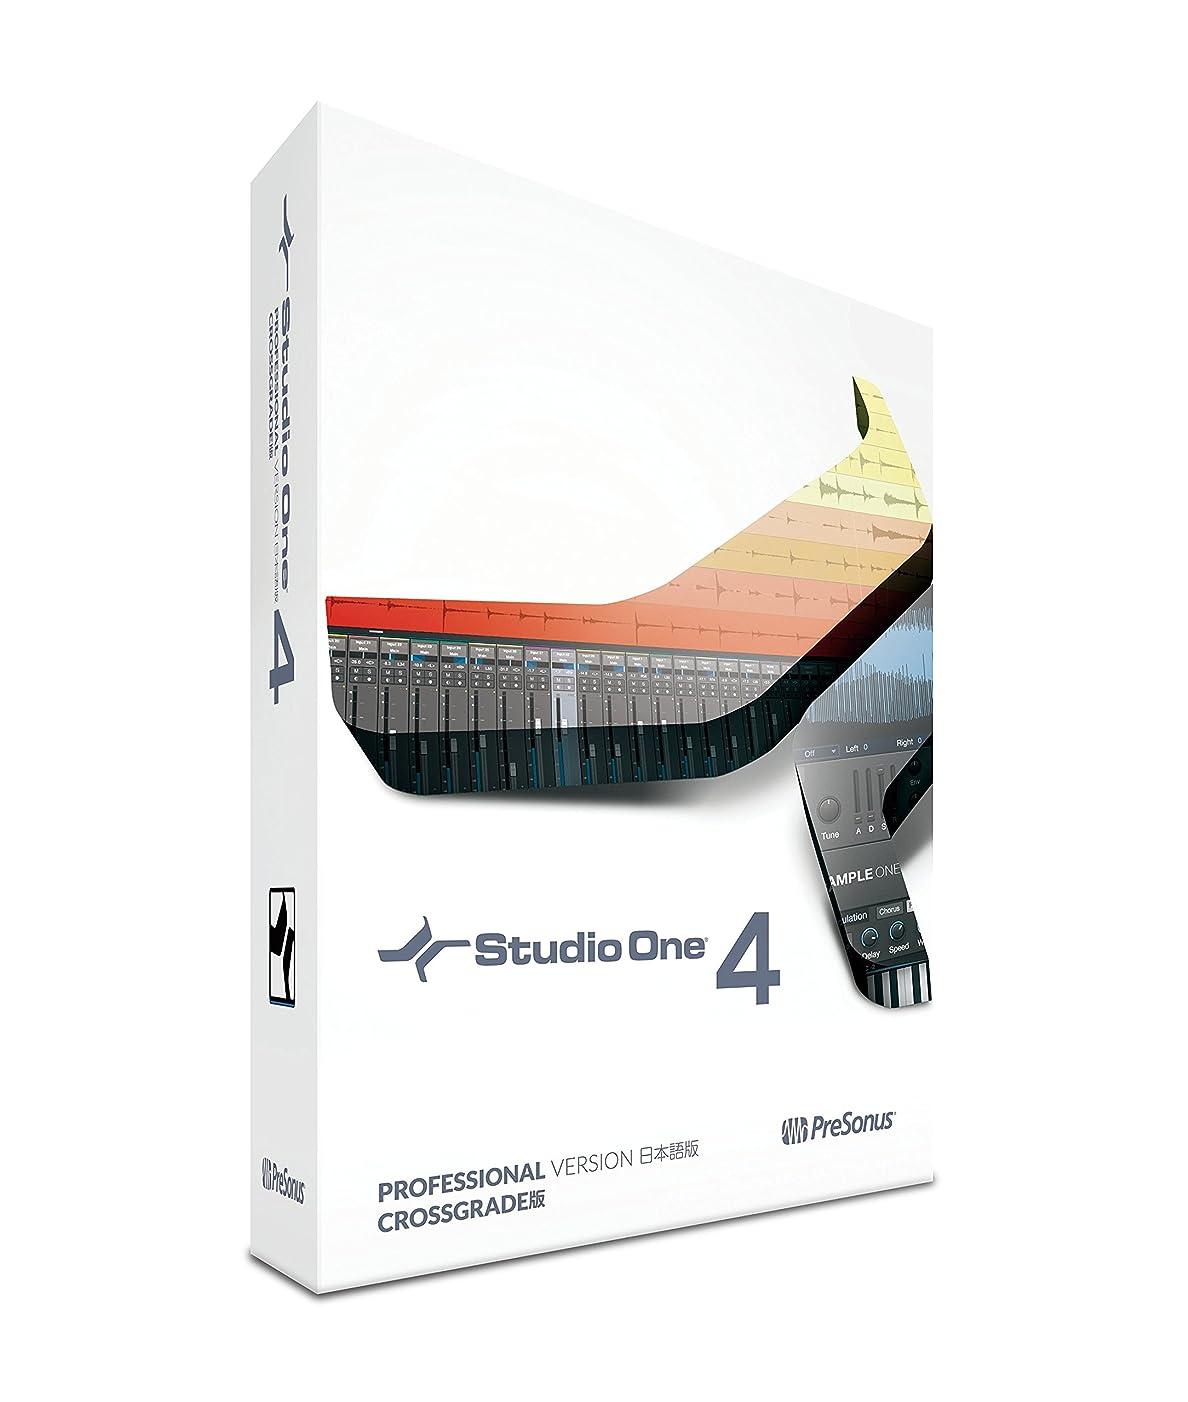 十分破壊的な無限PreSonus DAWソフトウェア Studio One 4 Crossgrade 日本語版(ボックス)